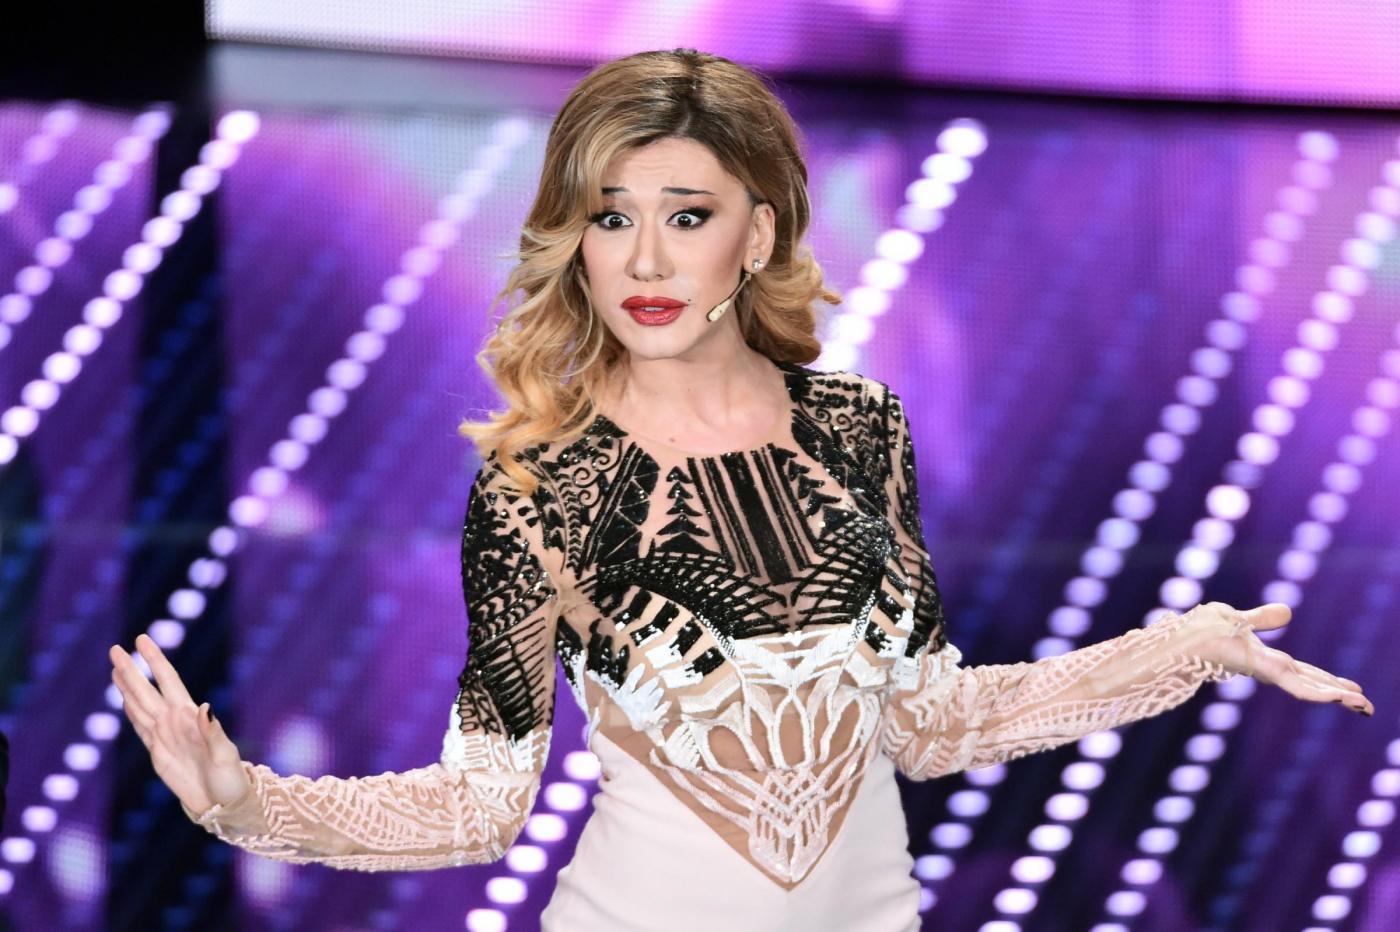 Belen ringrazia Virginia Raffaele dopo l'imitazione a Sanremo 2016: 'È stato stupendo esserci ancora'